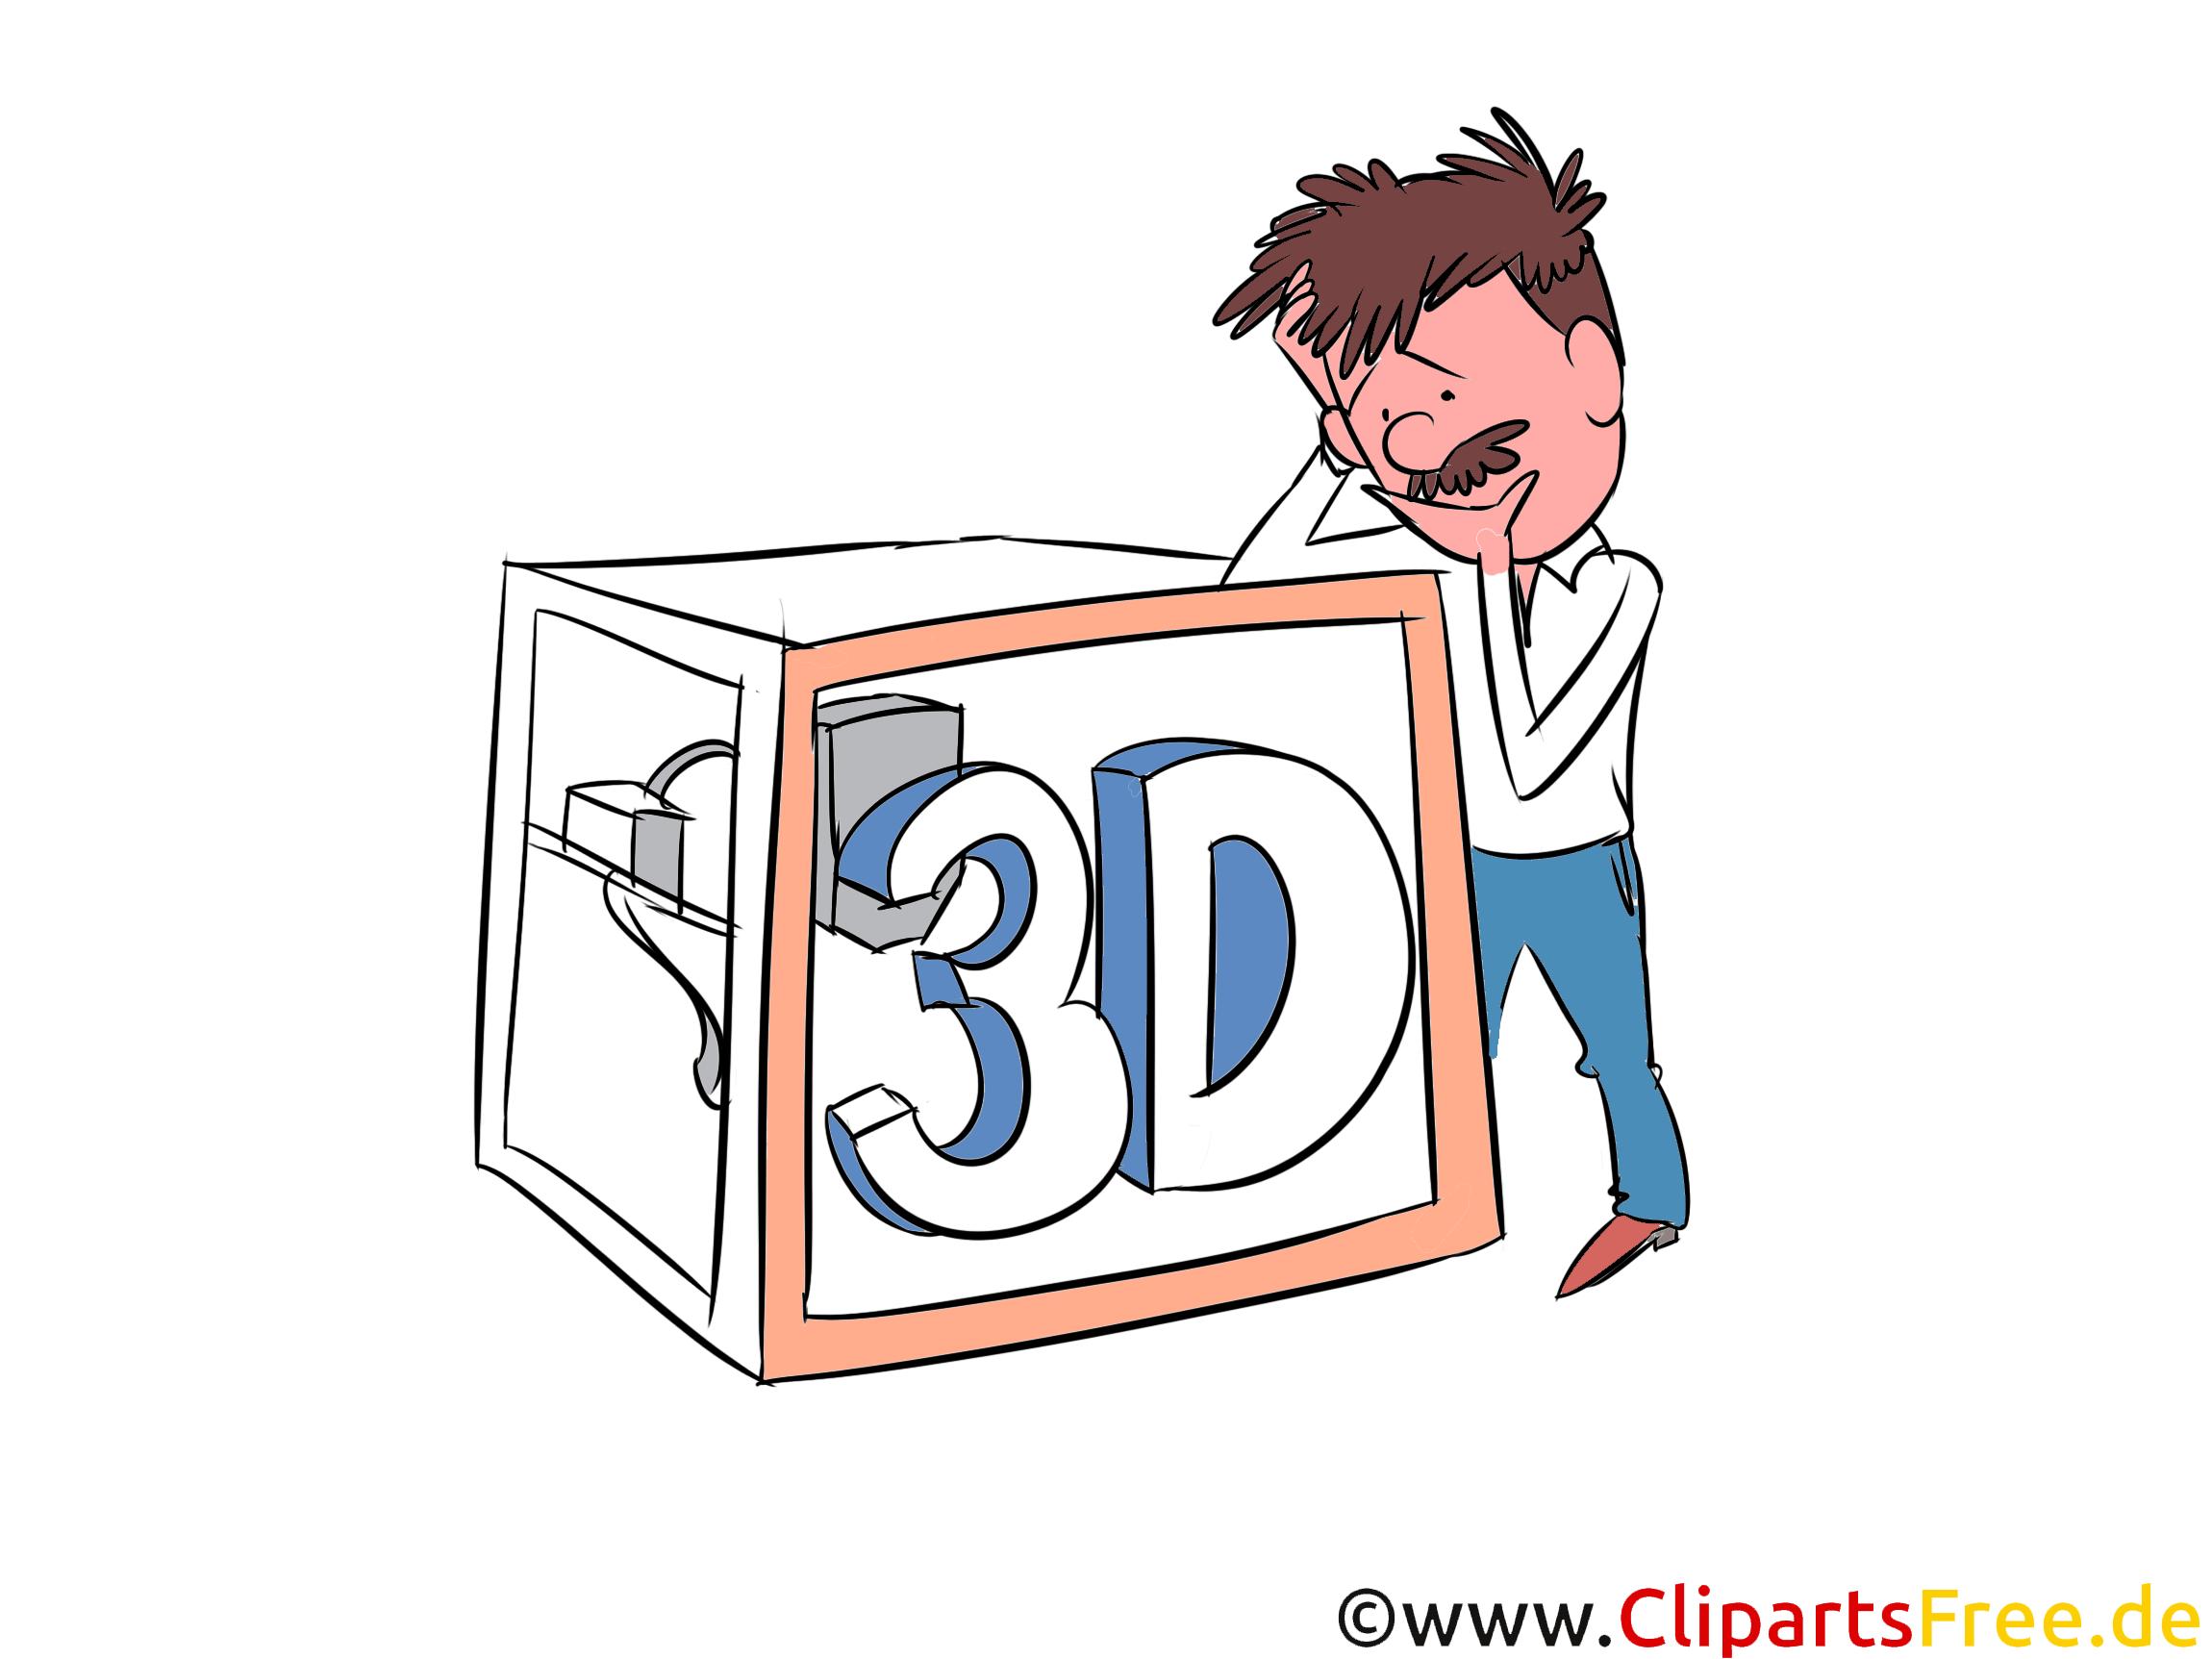 3D-Drucker Zeichnung, Illustration, Clipart